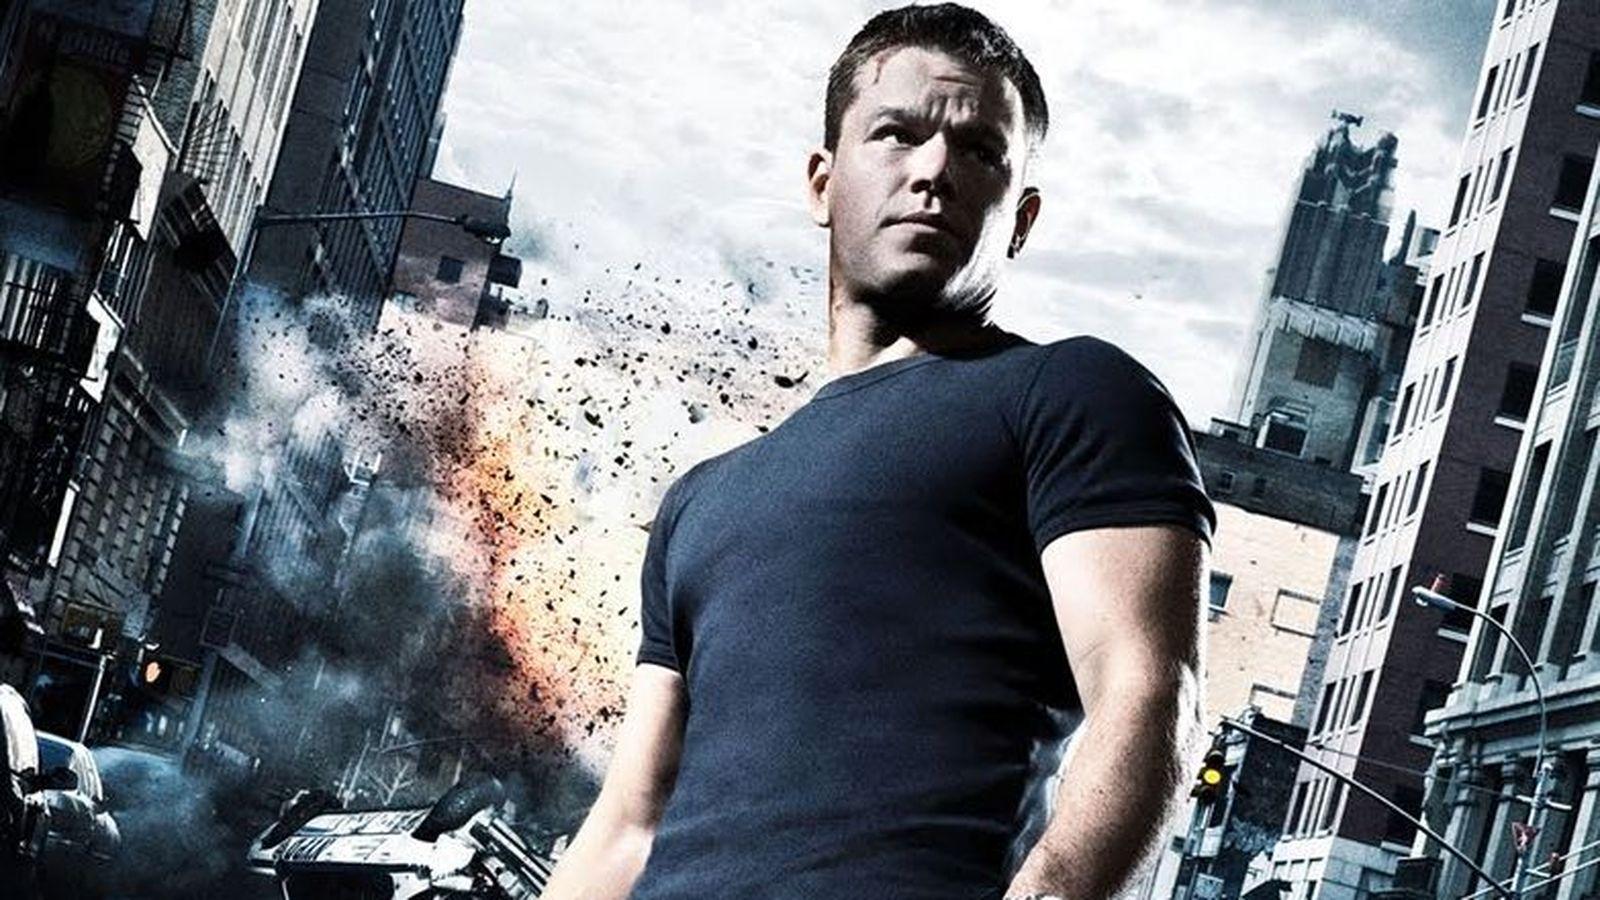 Мэтт Дэймон лично подтвердил информацию о новом фильме про бывшего агента ЦРУ